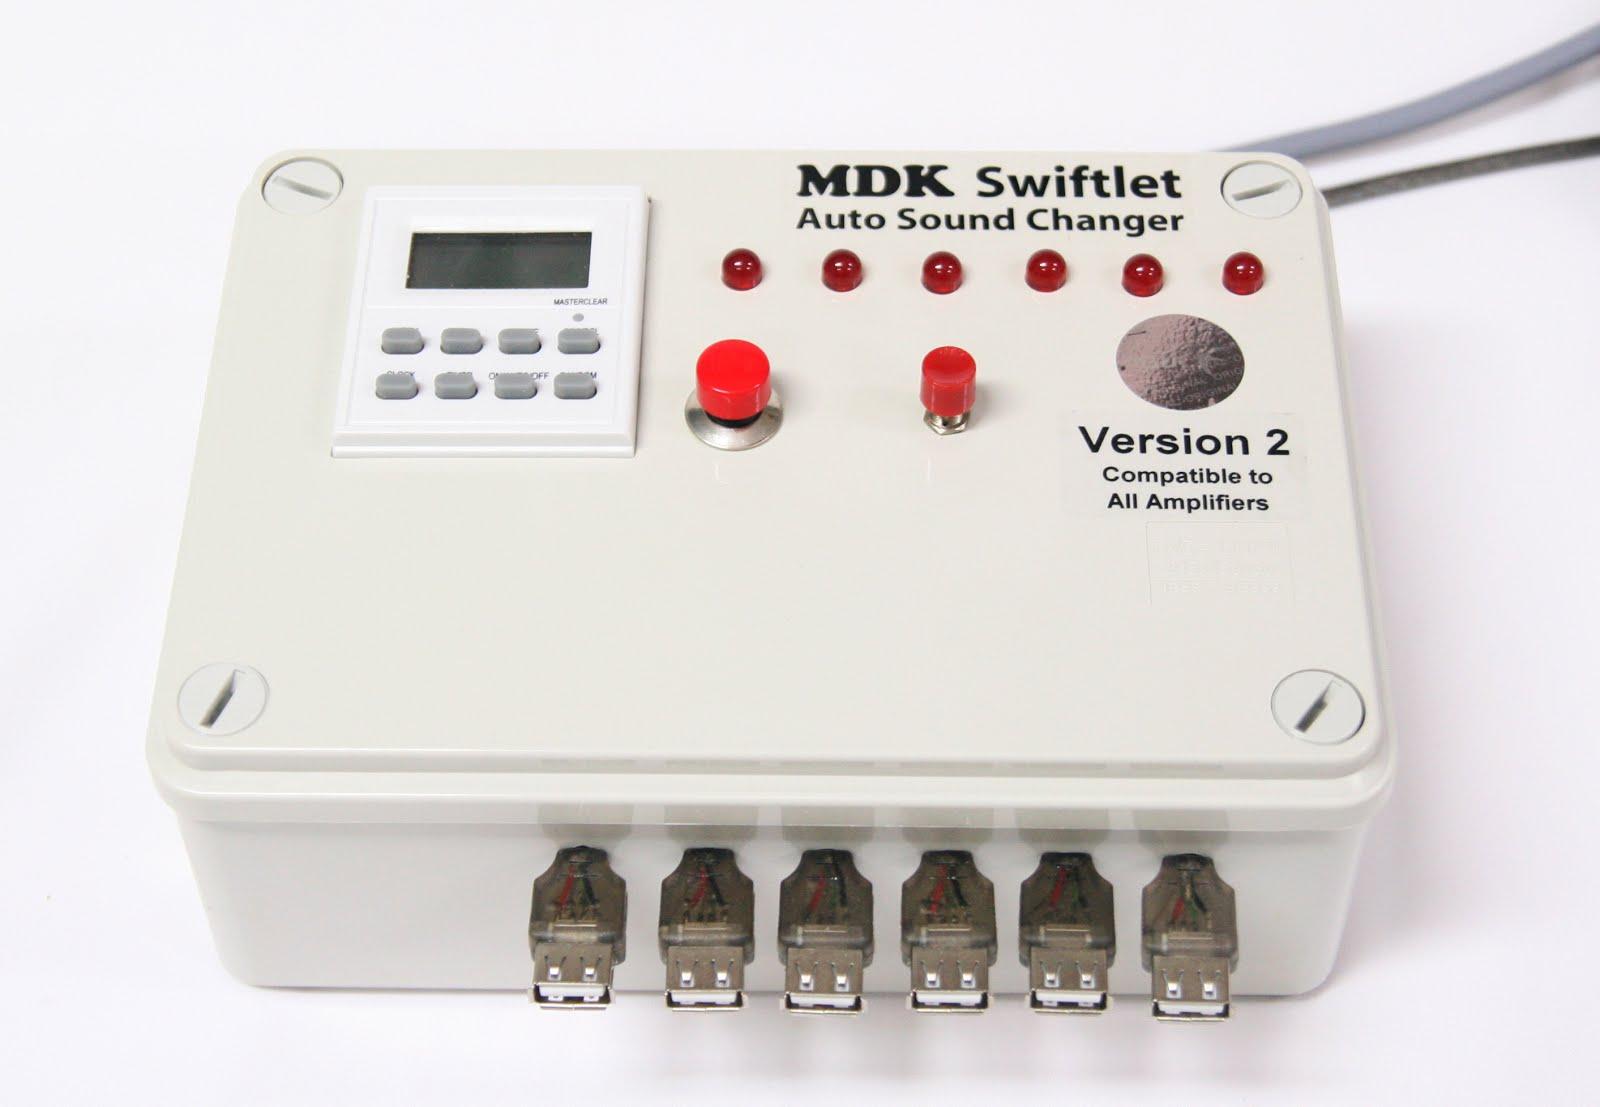 MDK Auto Sound Changer 声音自动更换机